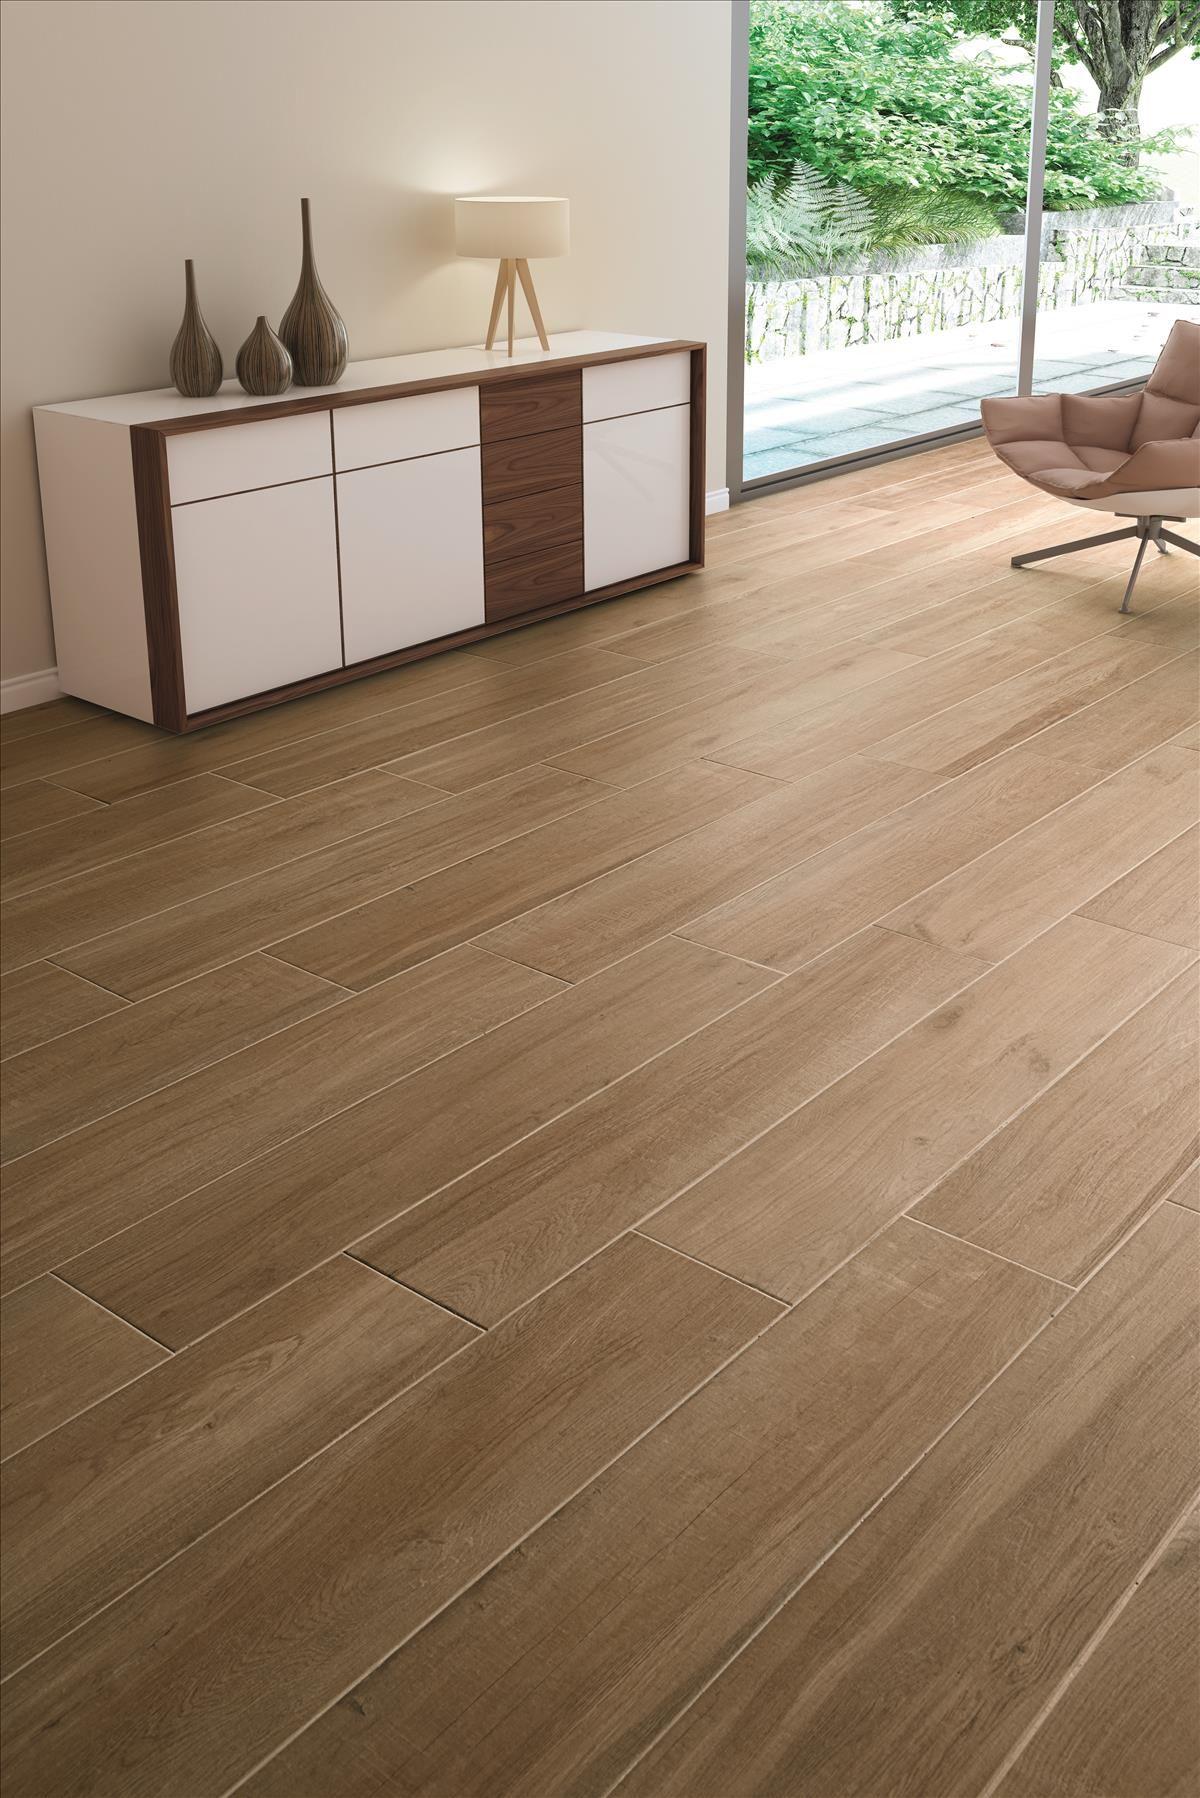 Pavimento imitaci n madera terk natural 1 23x120 for Terrazas internas